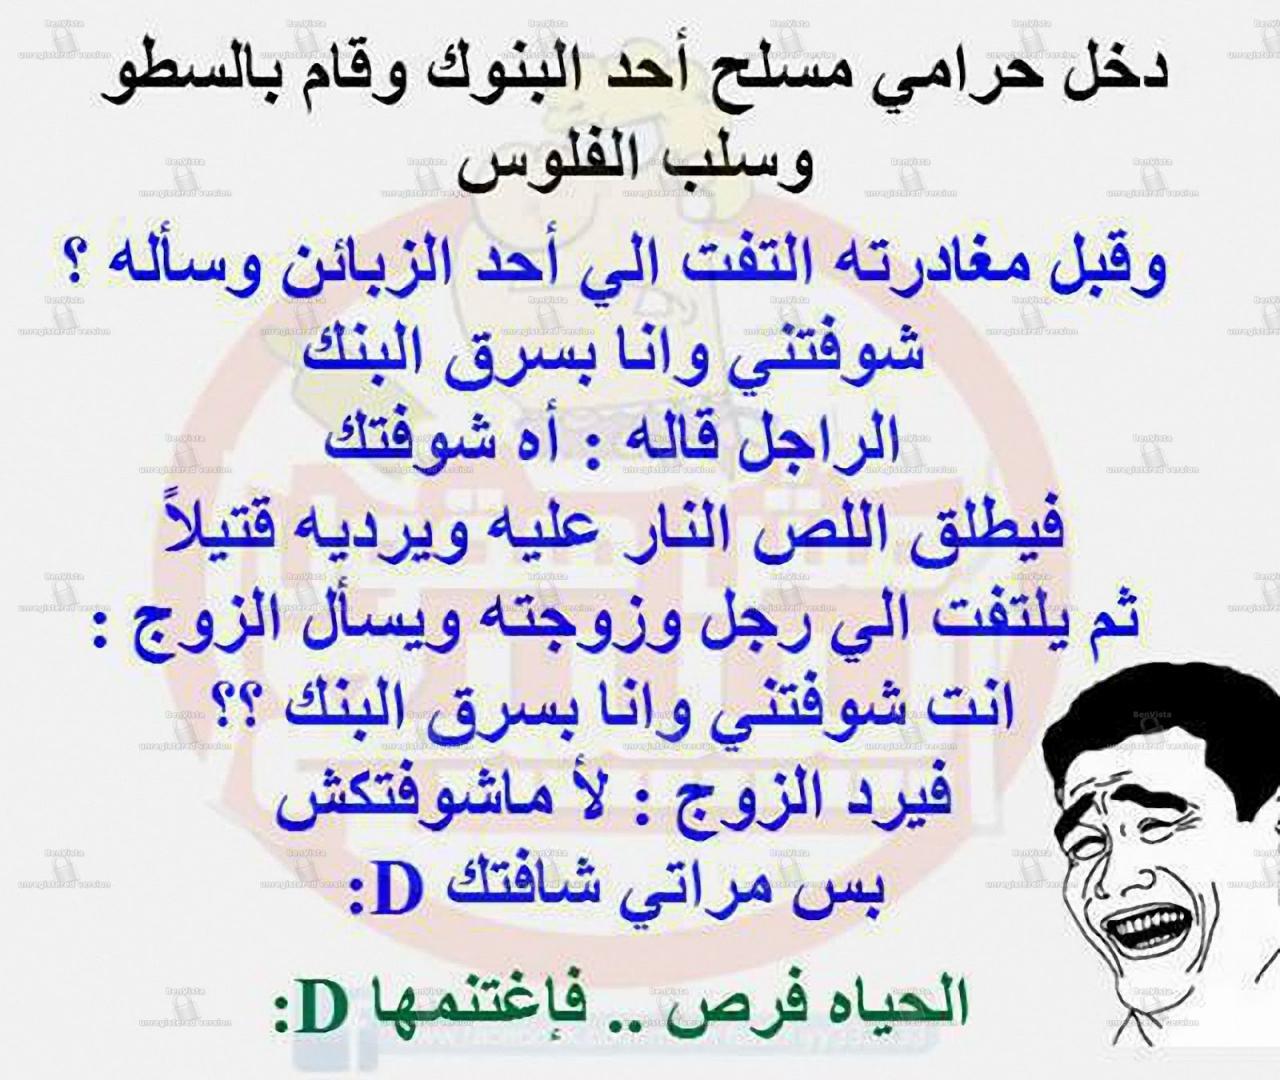 صورة نكت 18+ سعوديه , اجمل النكة تموت من الضحك سعوديه